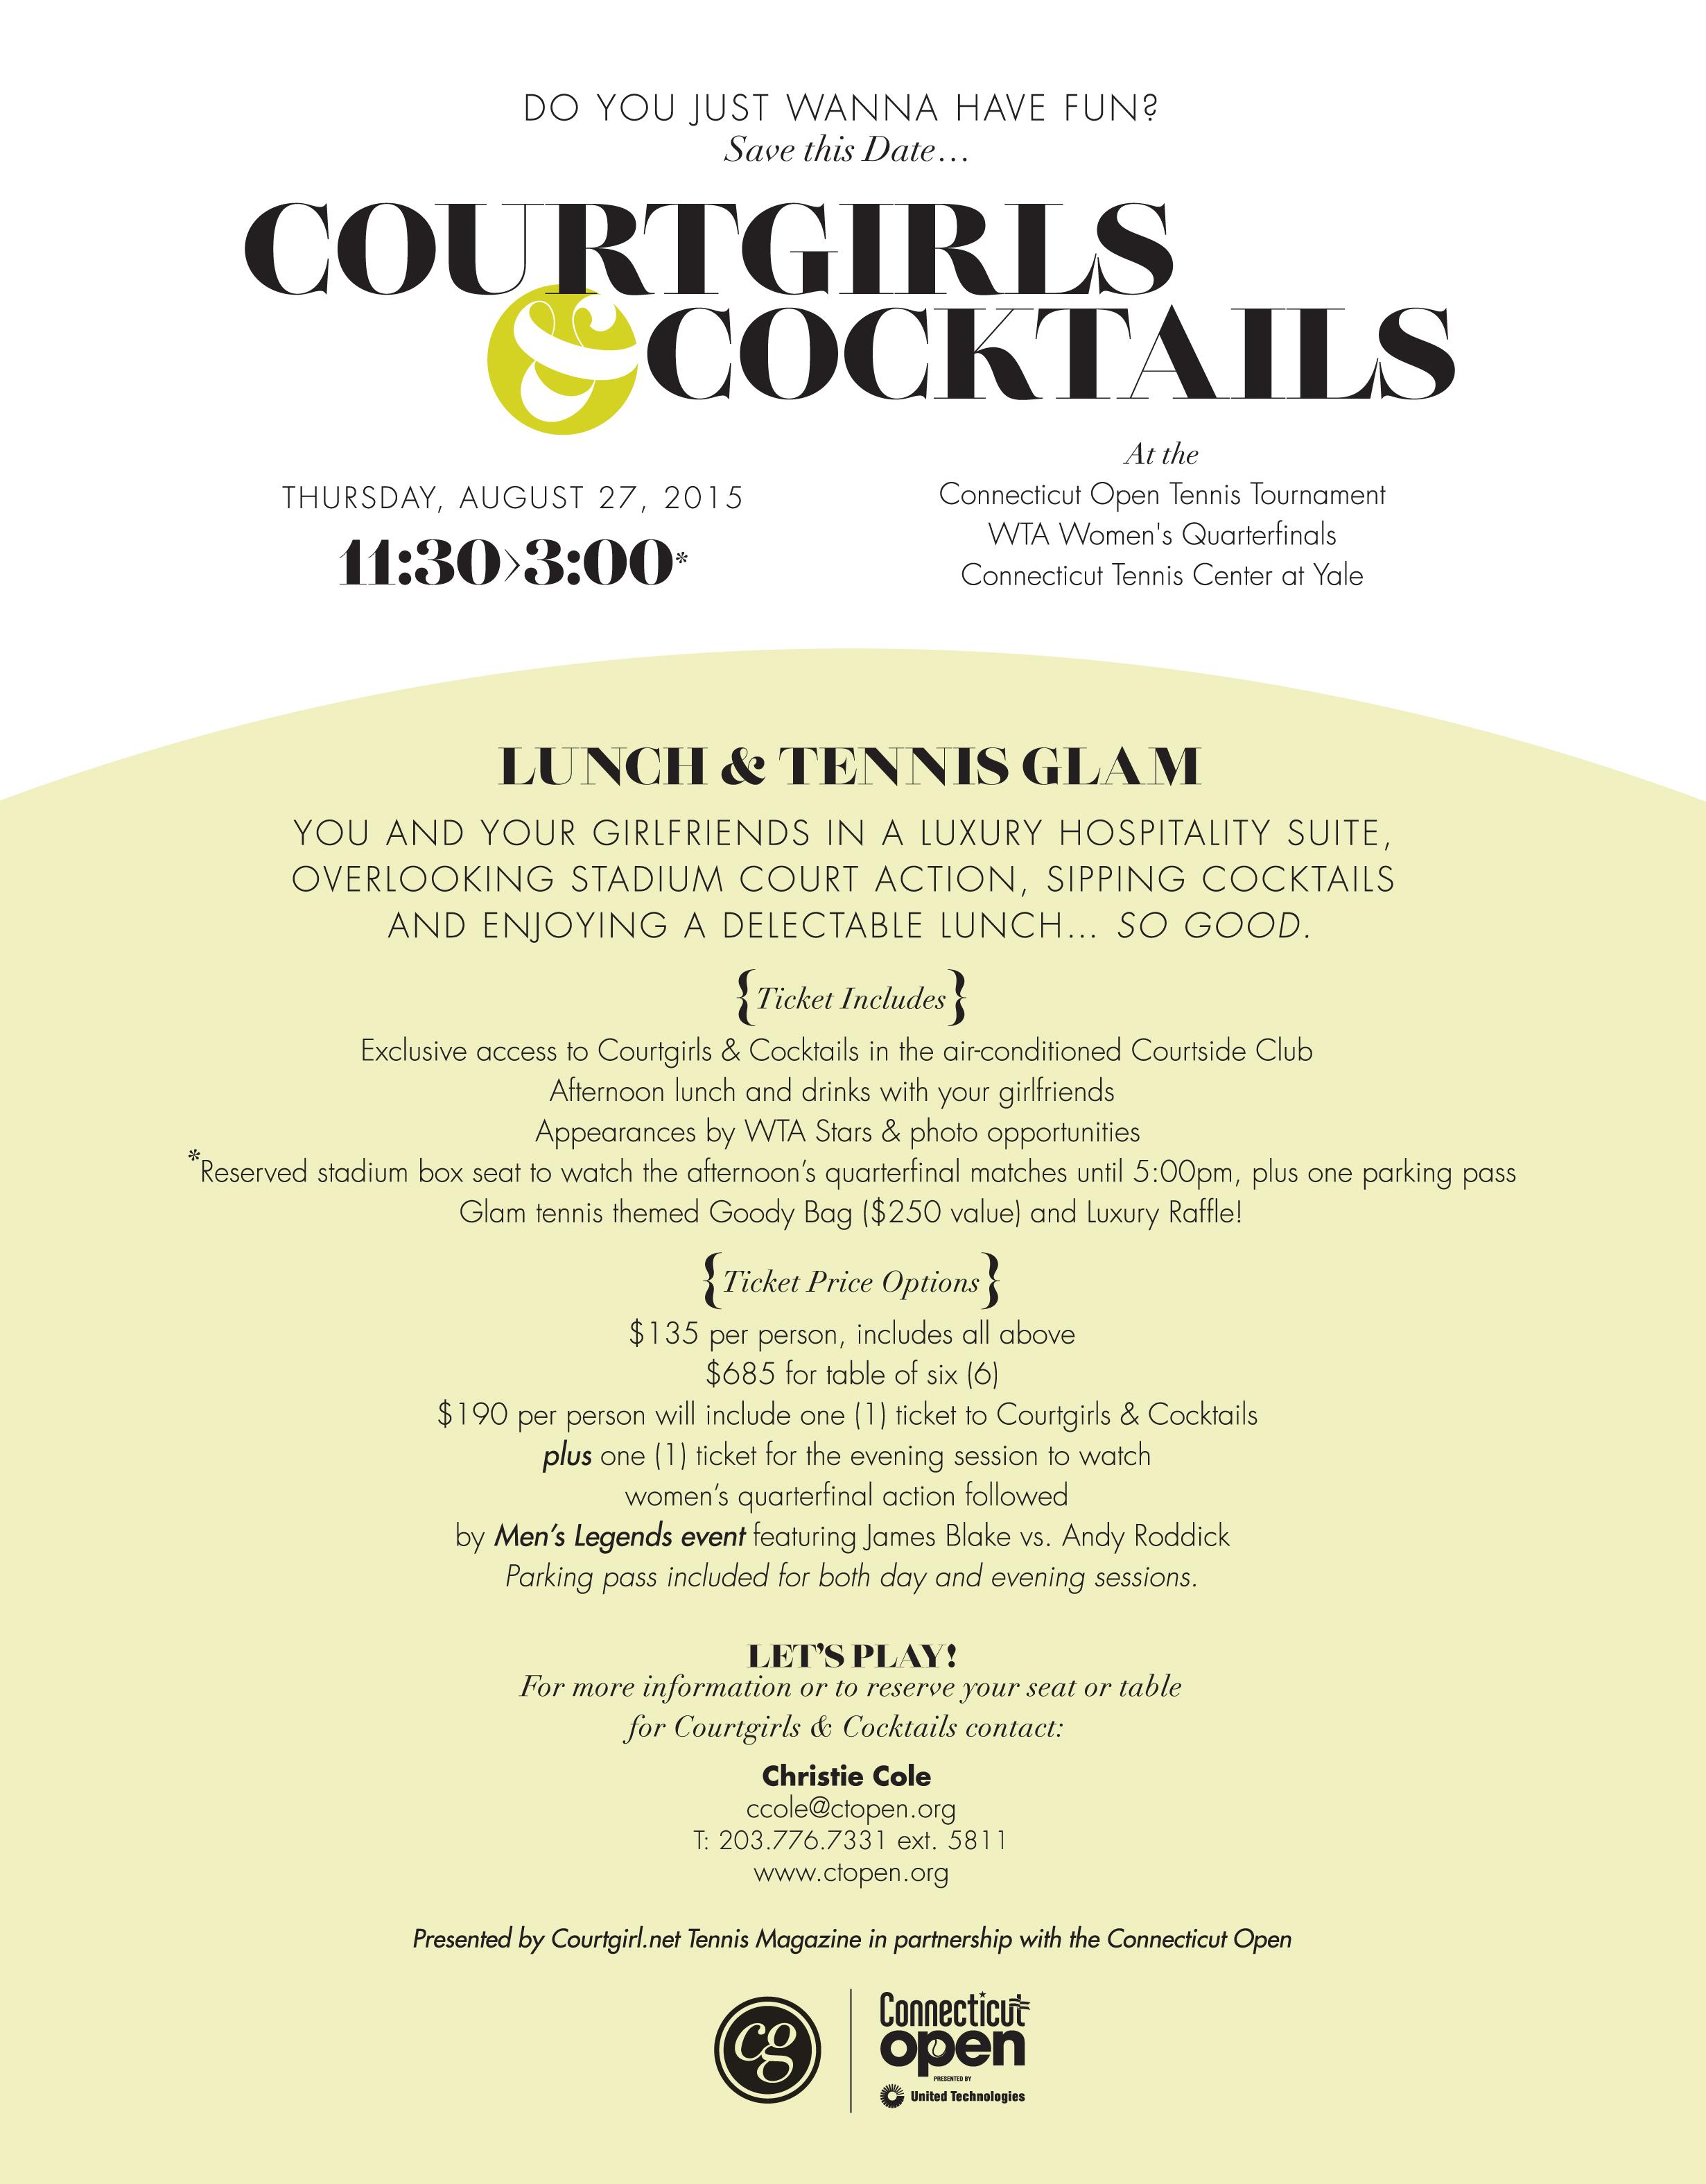 Courtgirls_cocktails_savethedatefin